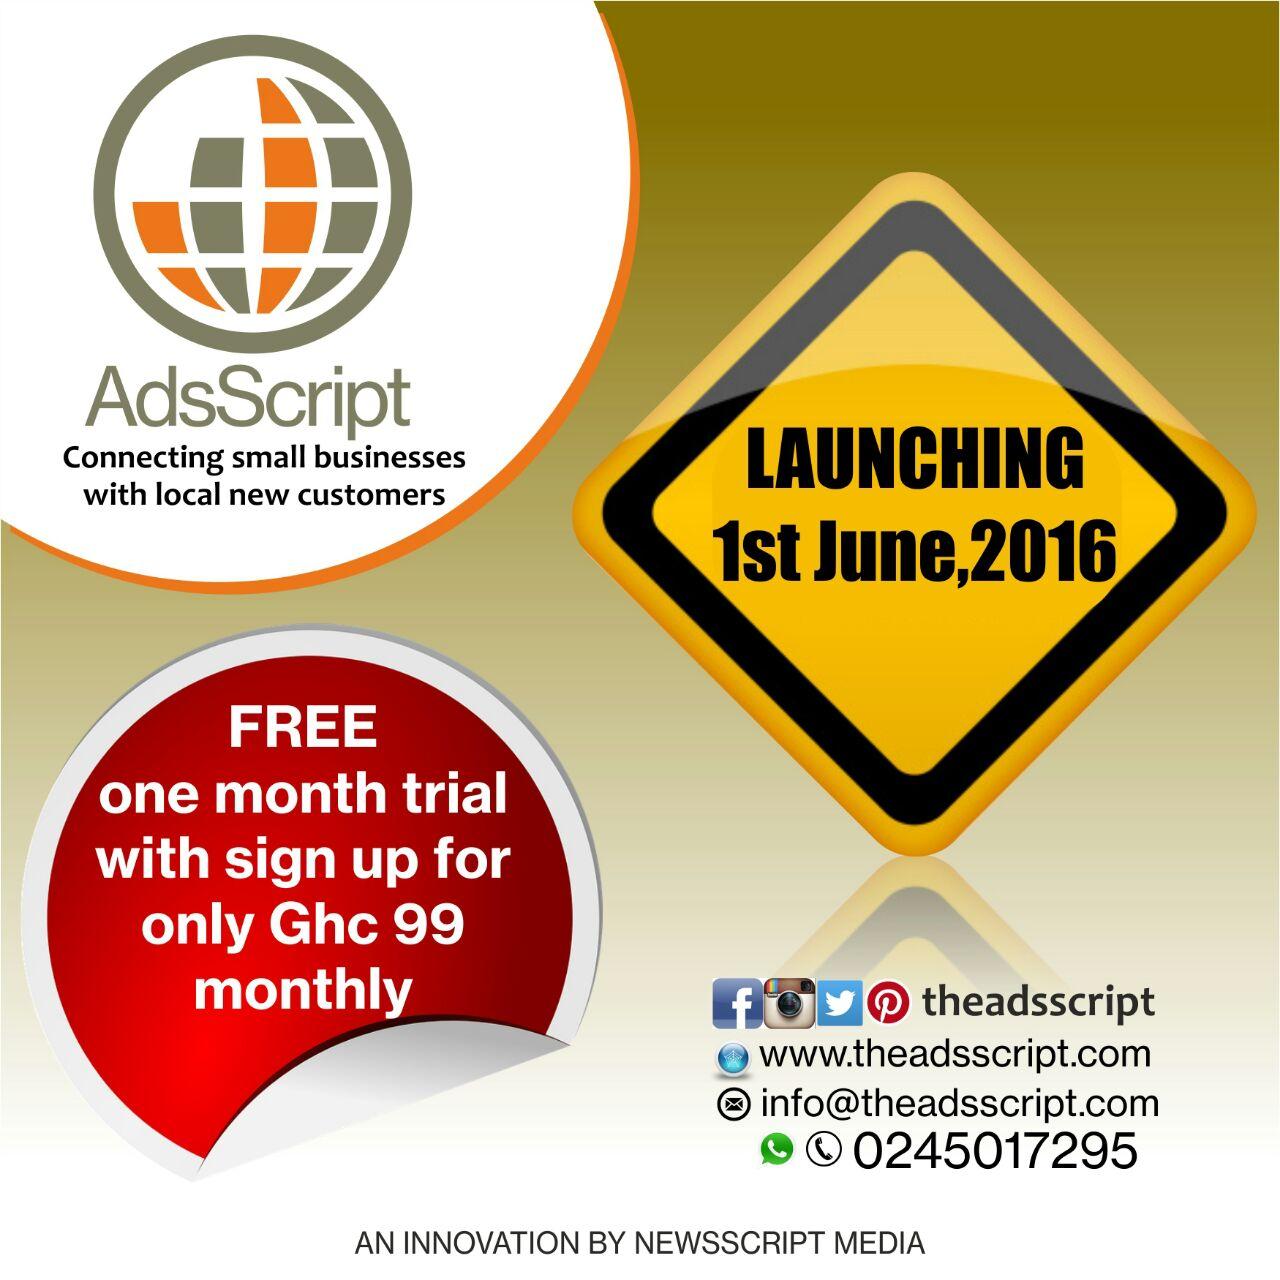 AdsScript